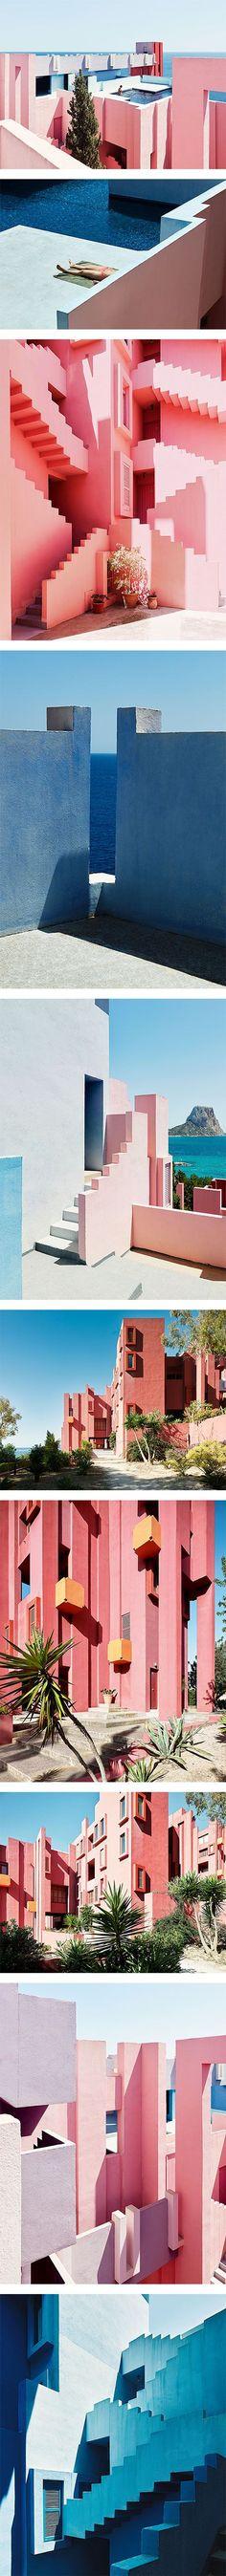 La Muralla Roja by Ricardo Bofill on Nuji.com #murallaroja #ricardobofill #architecture